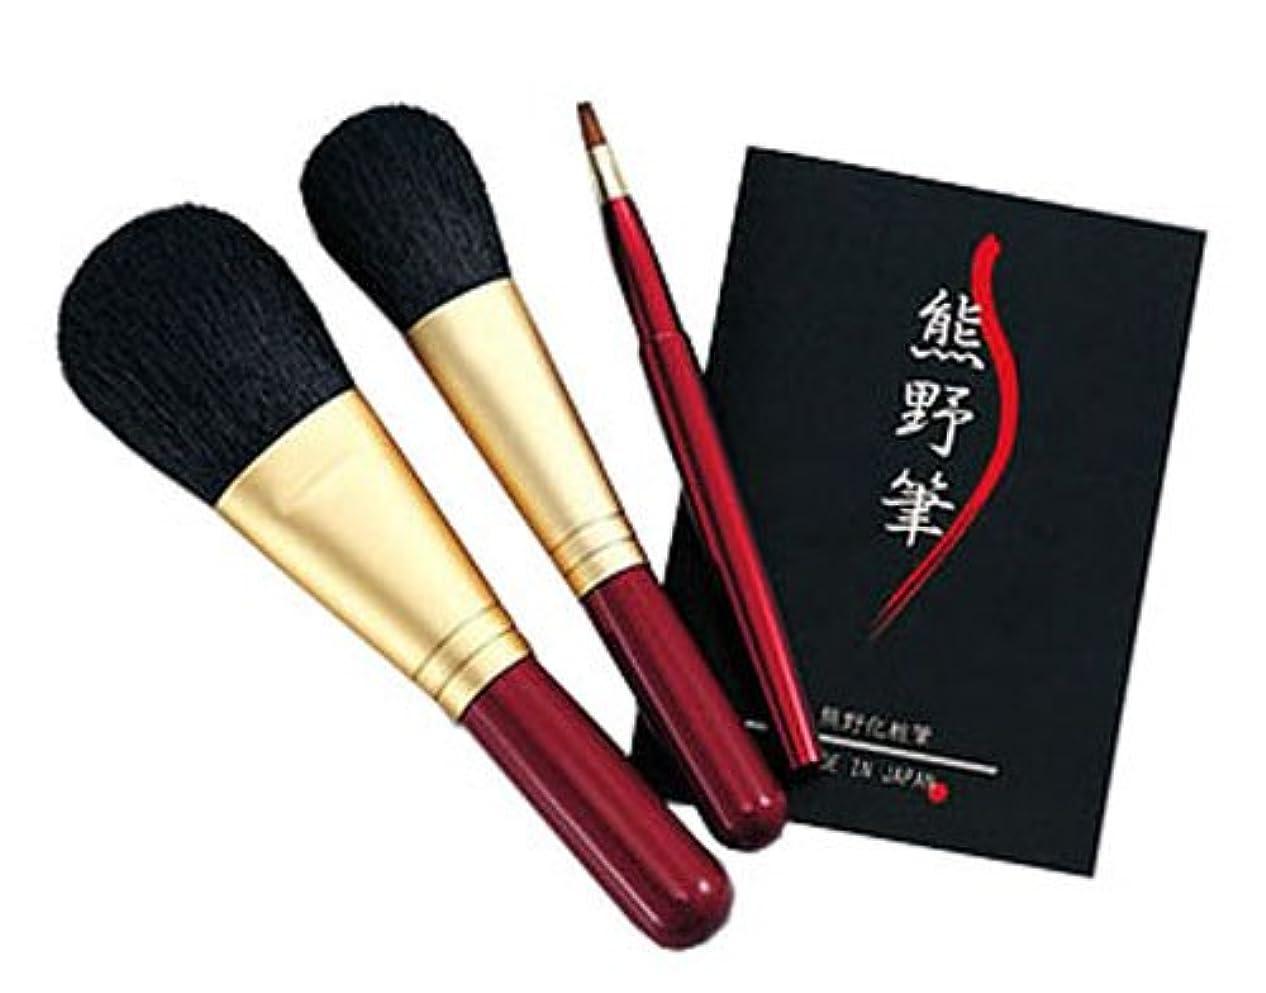 パトワのホスト発見する熊野筆 化粧筆セット 筆の心 KFi-80R